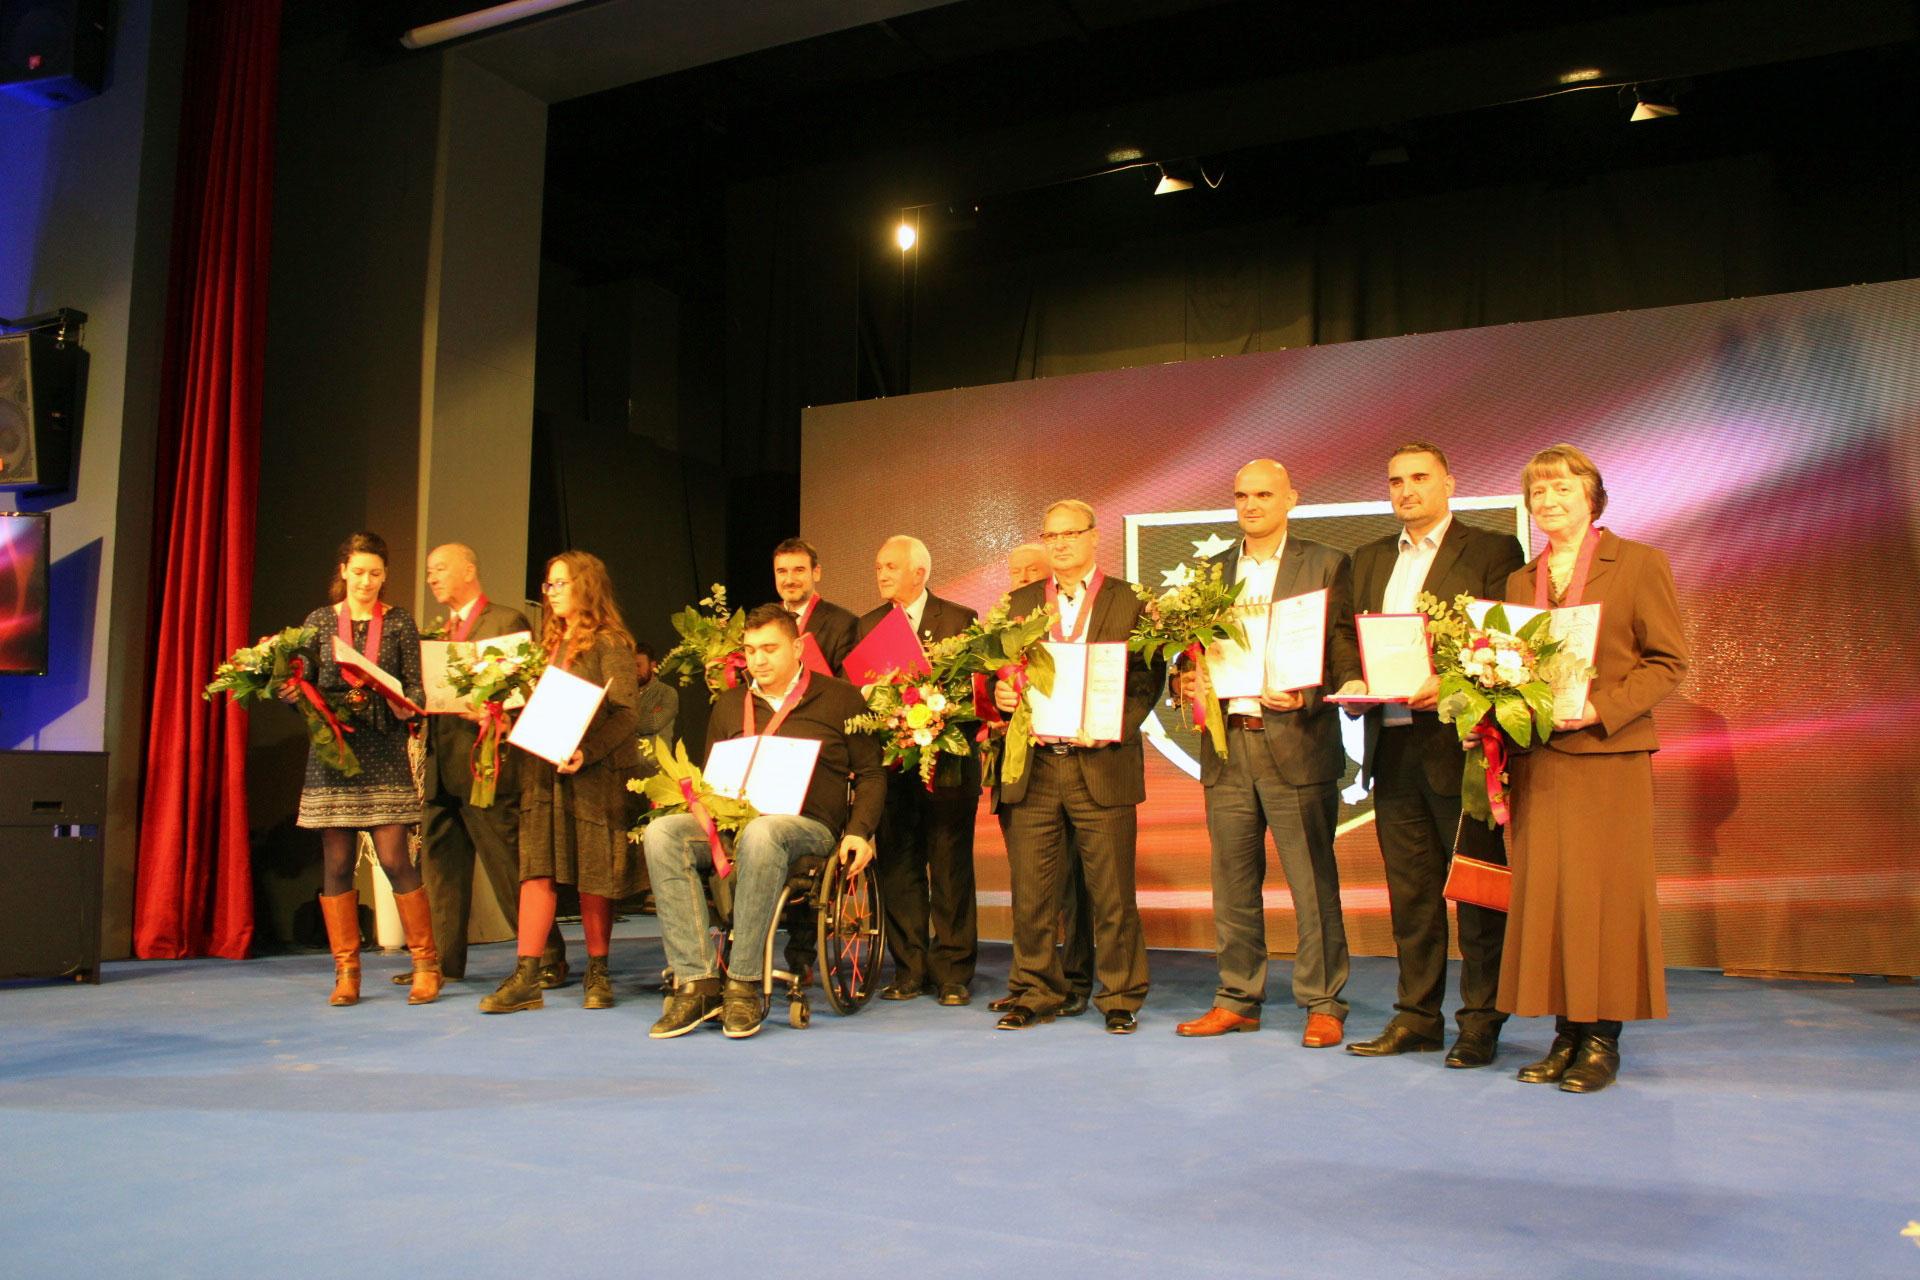 Nagrađeni na svečanoj akademiji: dr. sc. Marica Čunčić prva desno.